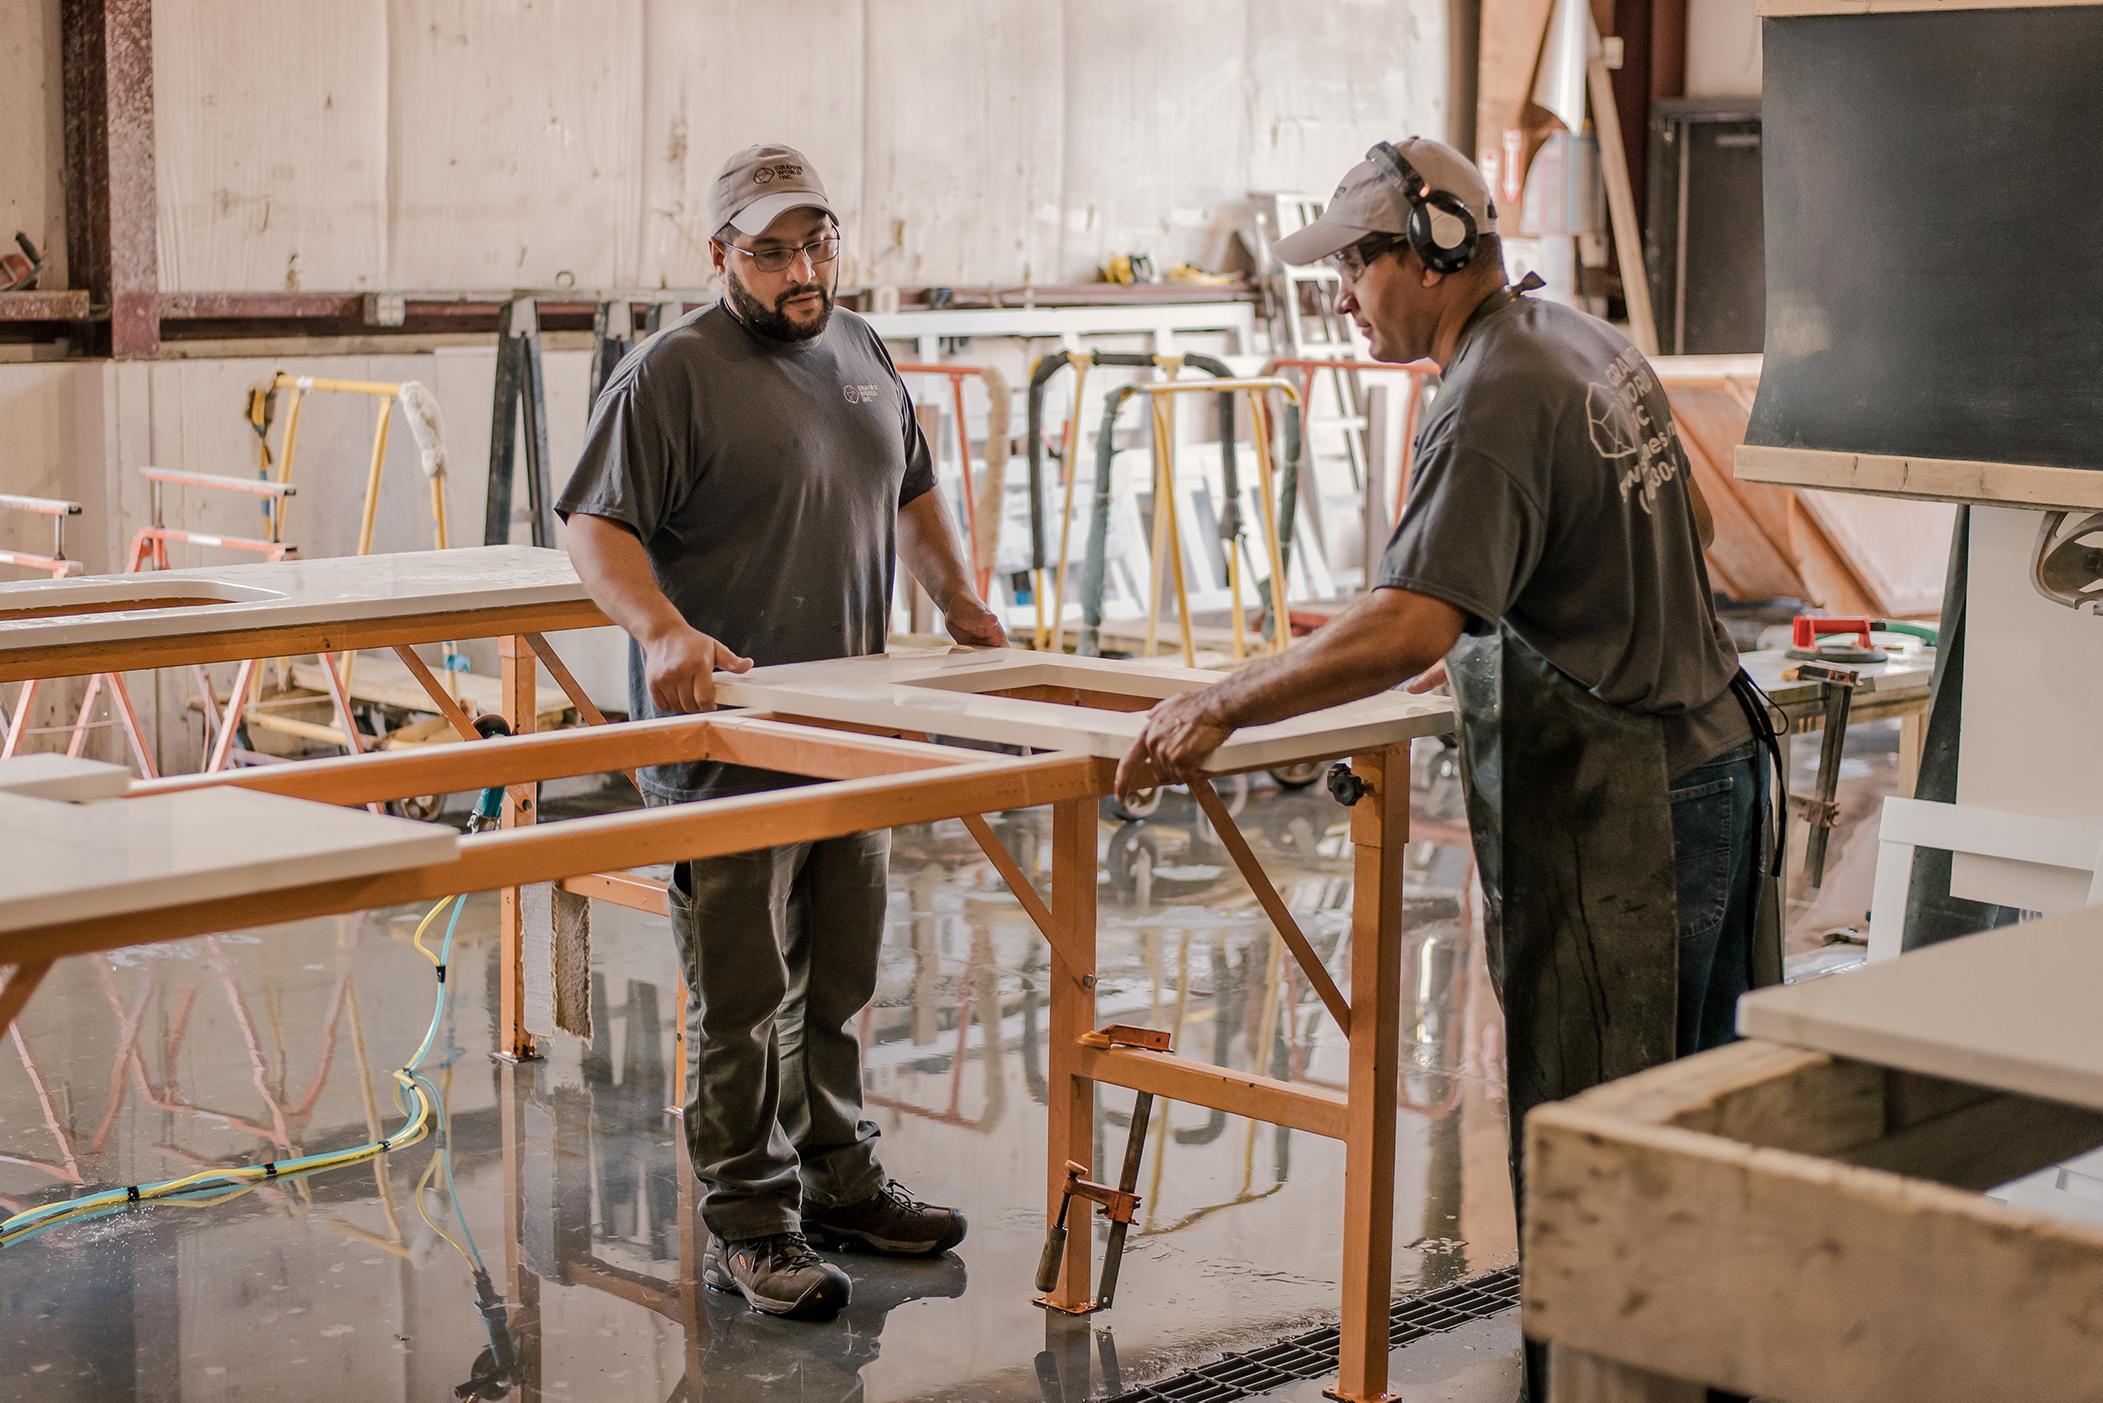 Granite World Employees Working